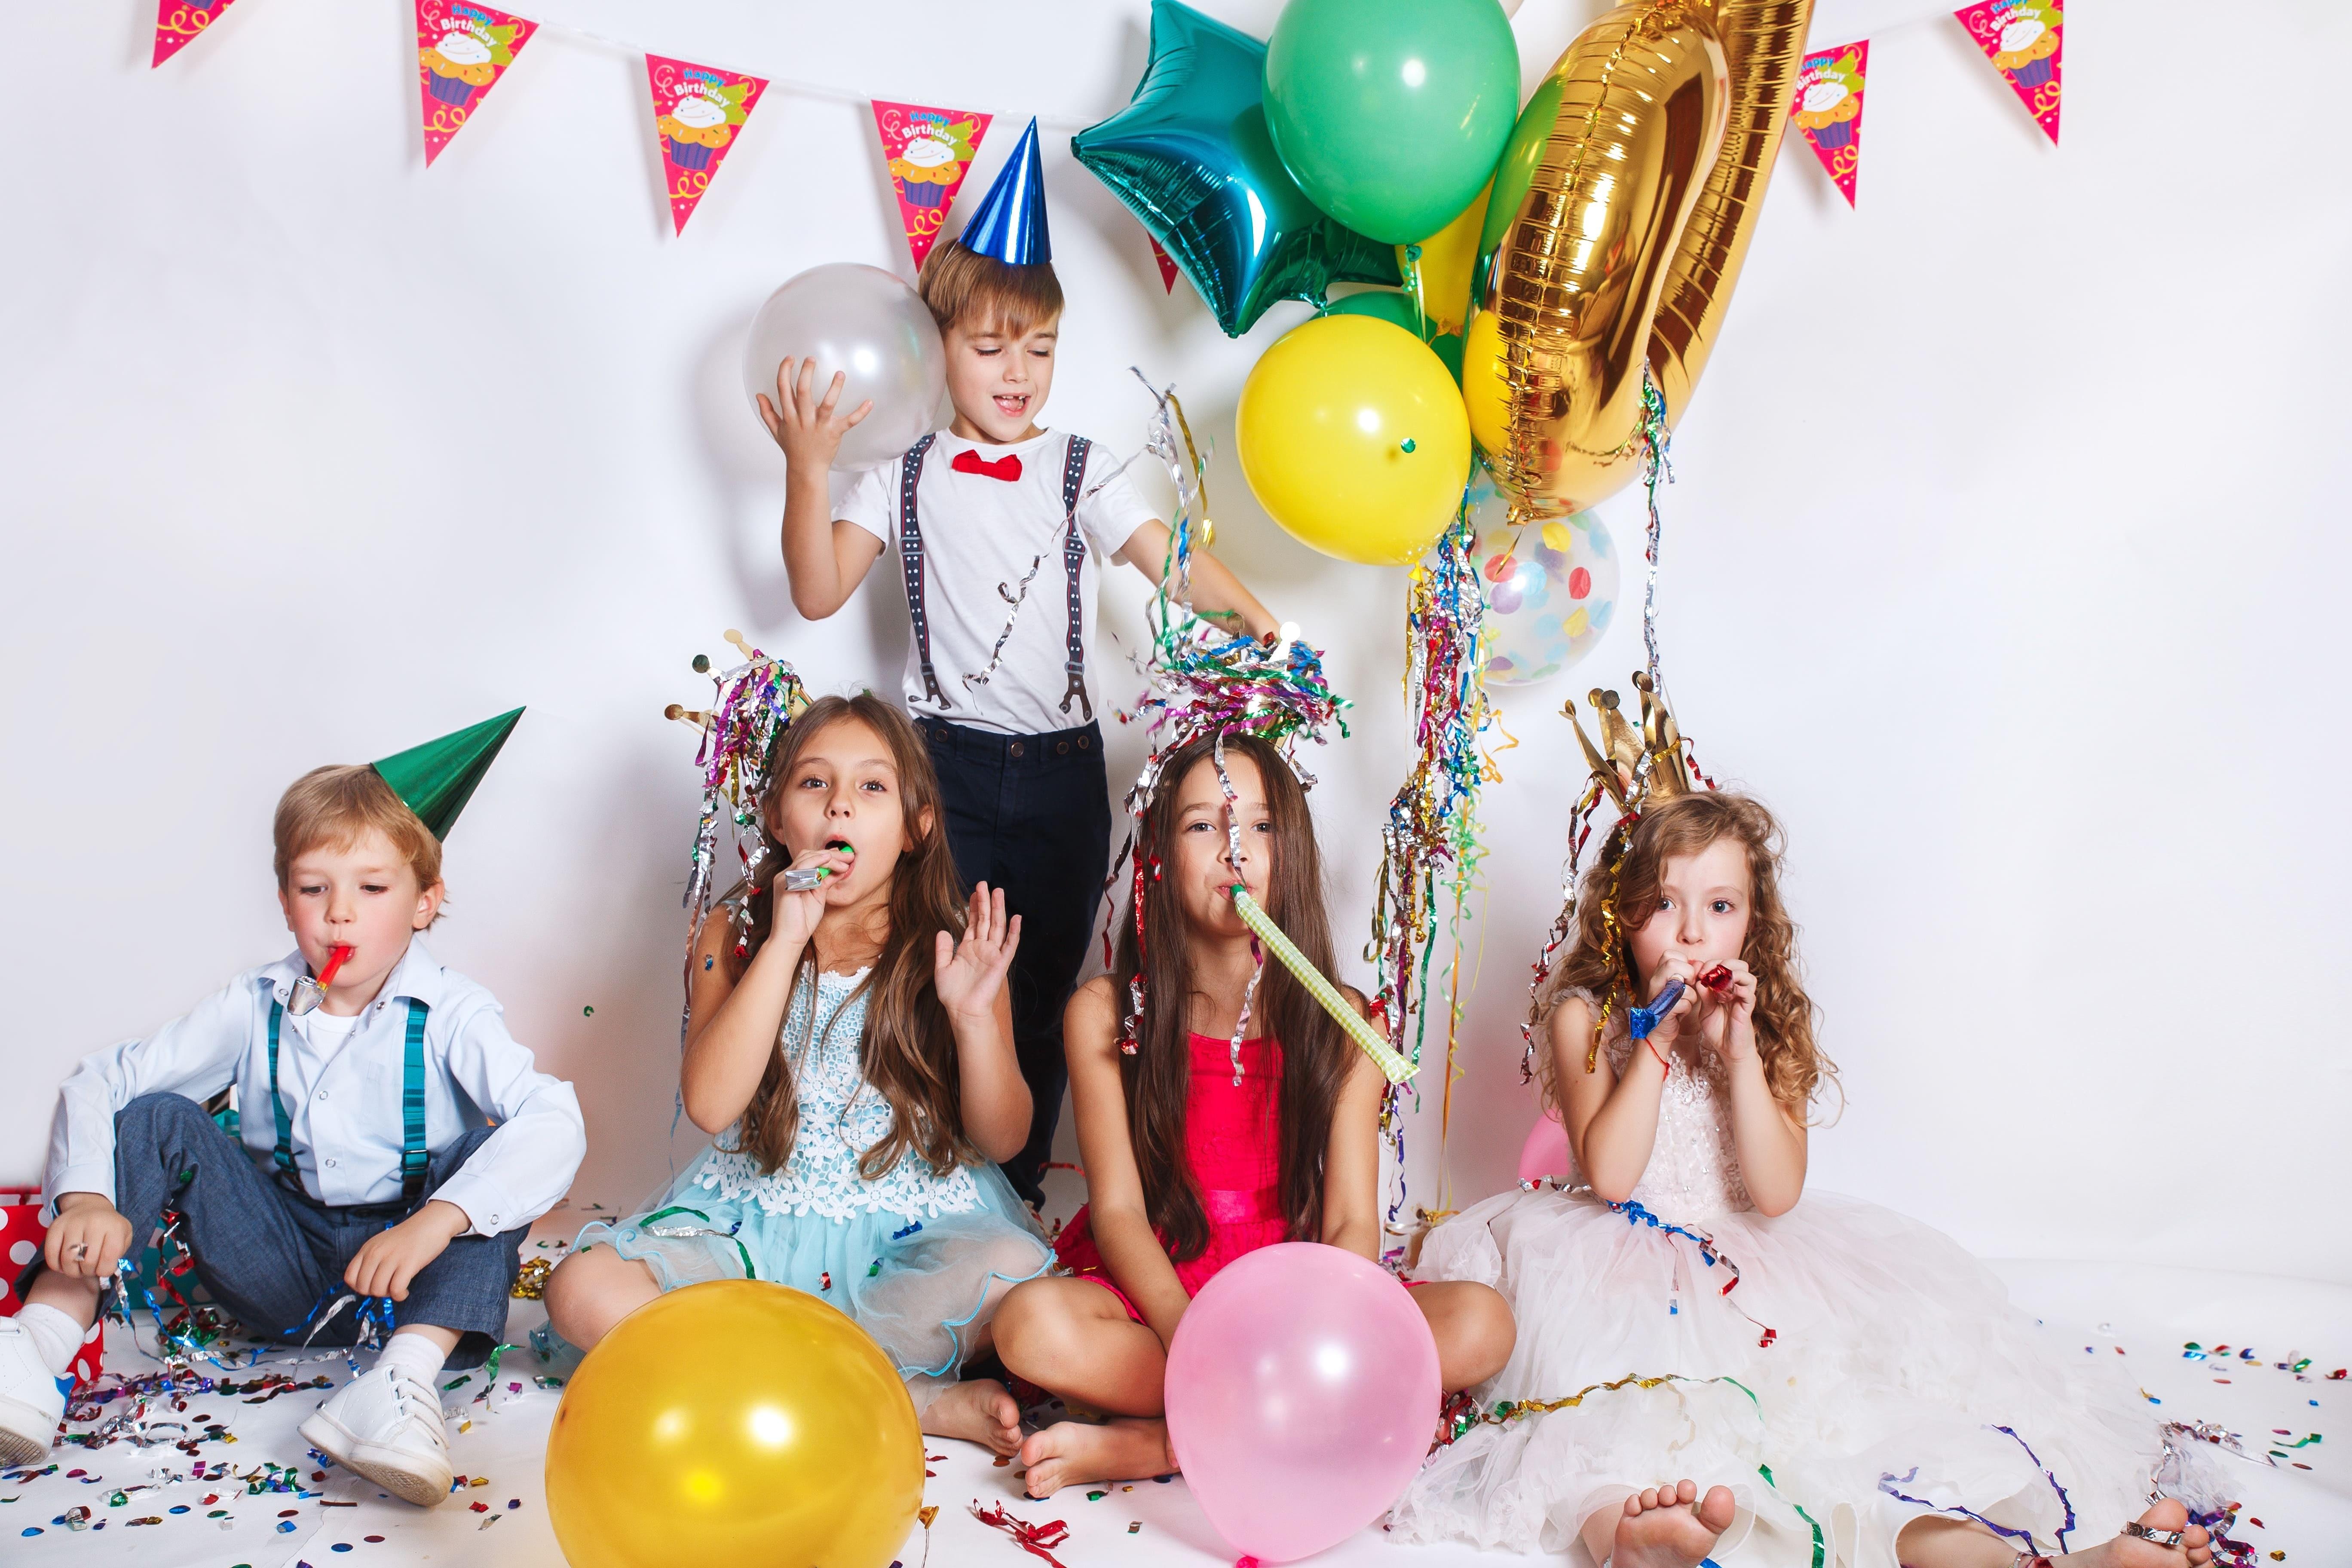 Как устроить детский день рождения во французском стиле?